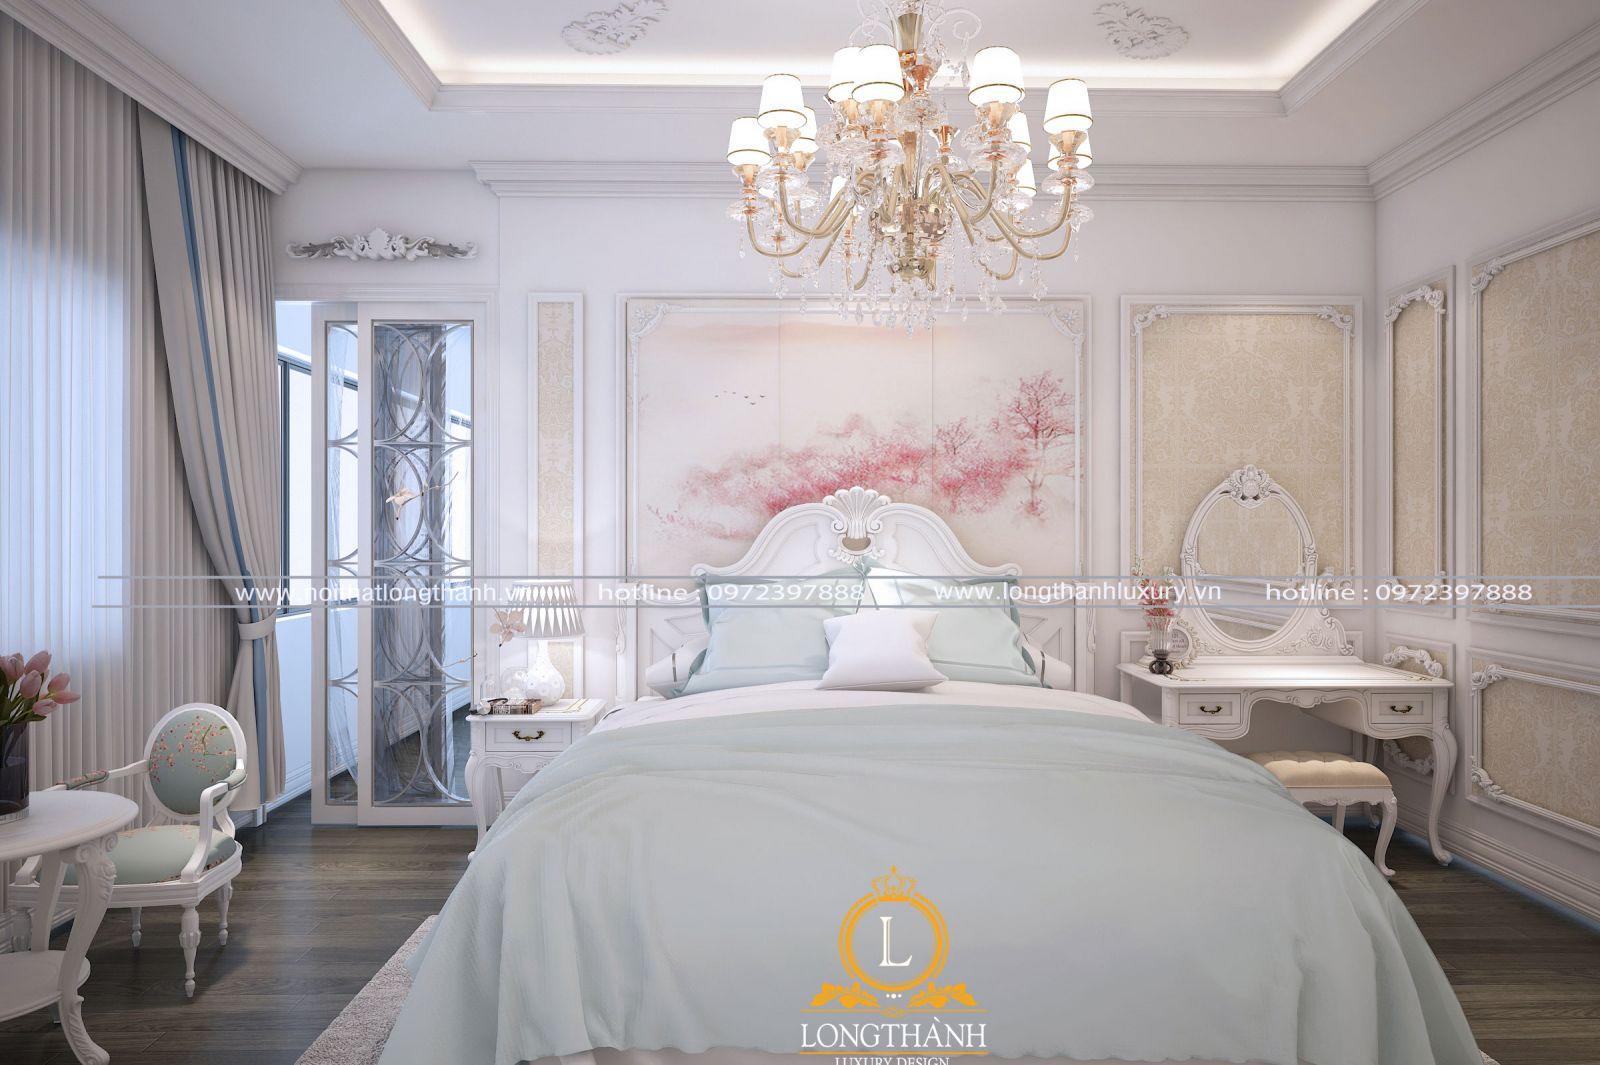 Căn phòng ngủ màu trắng đẹp nhẹ nhàng dễ thương